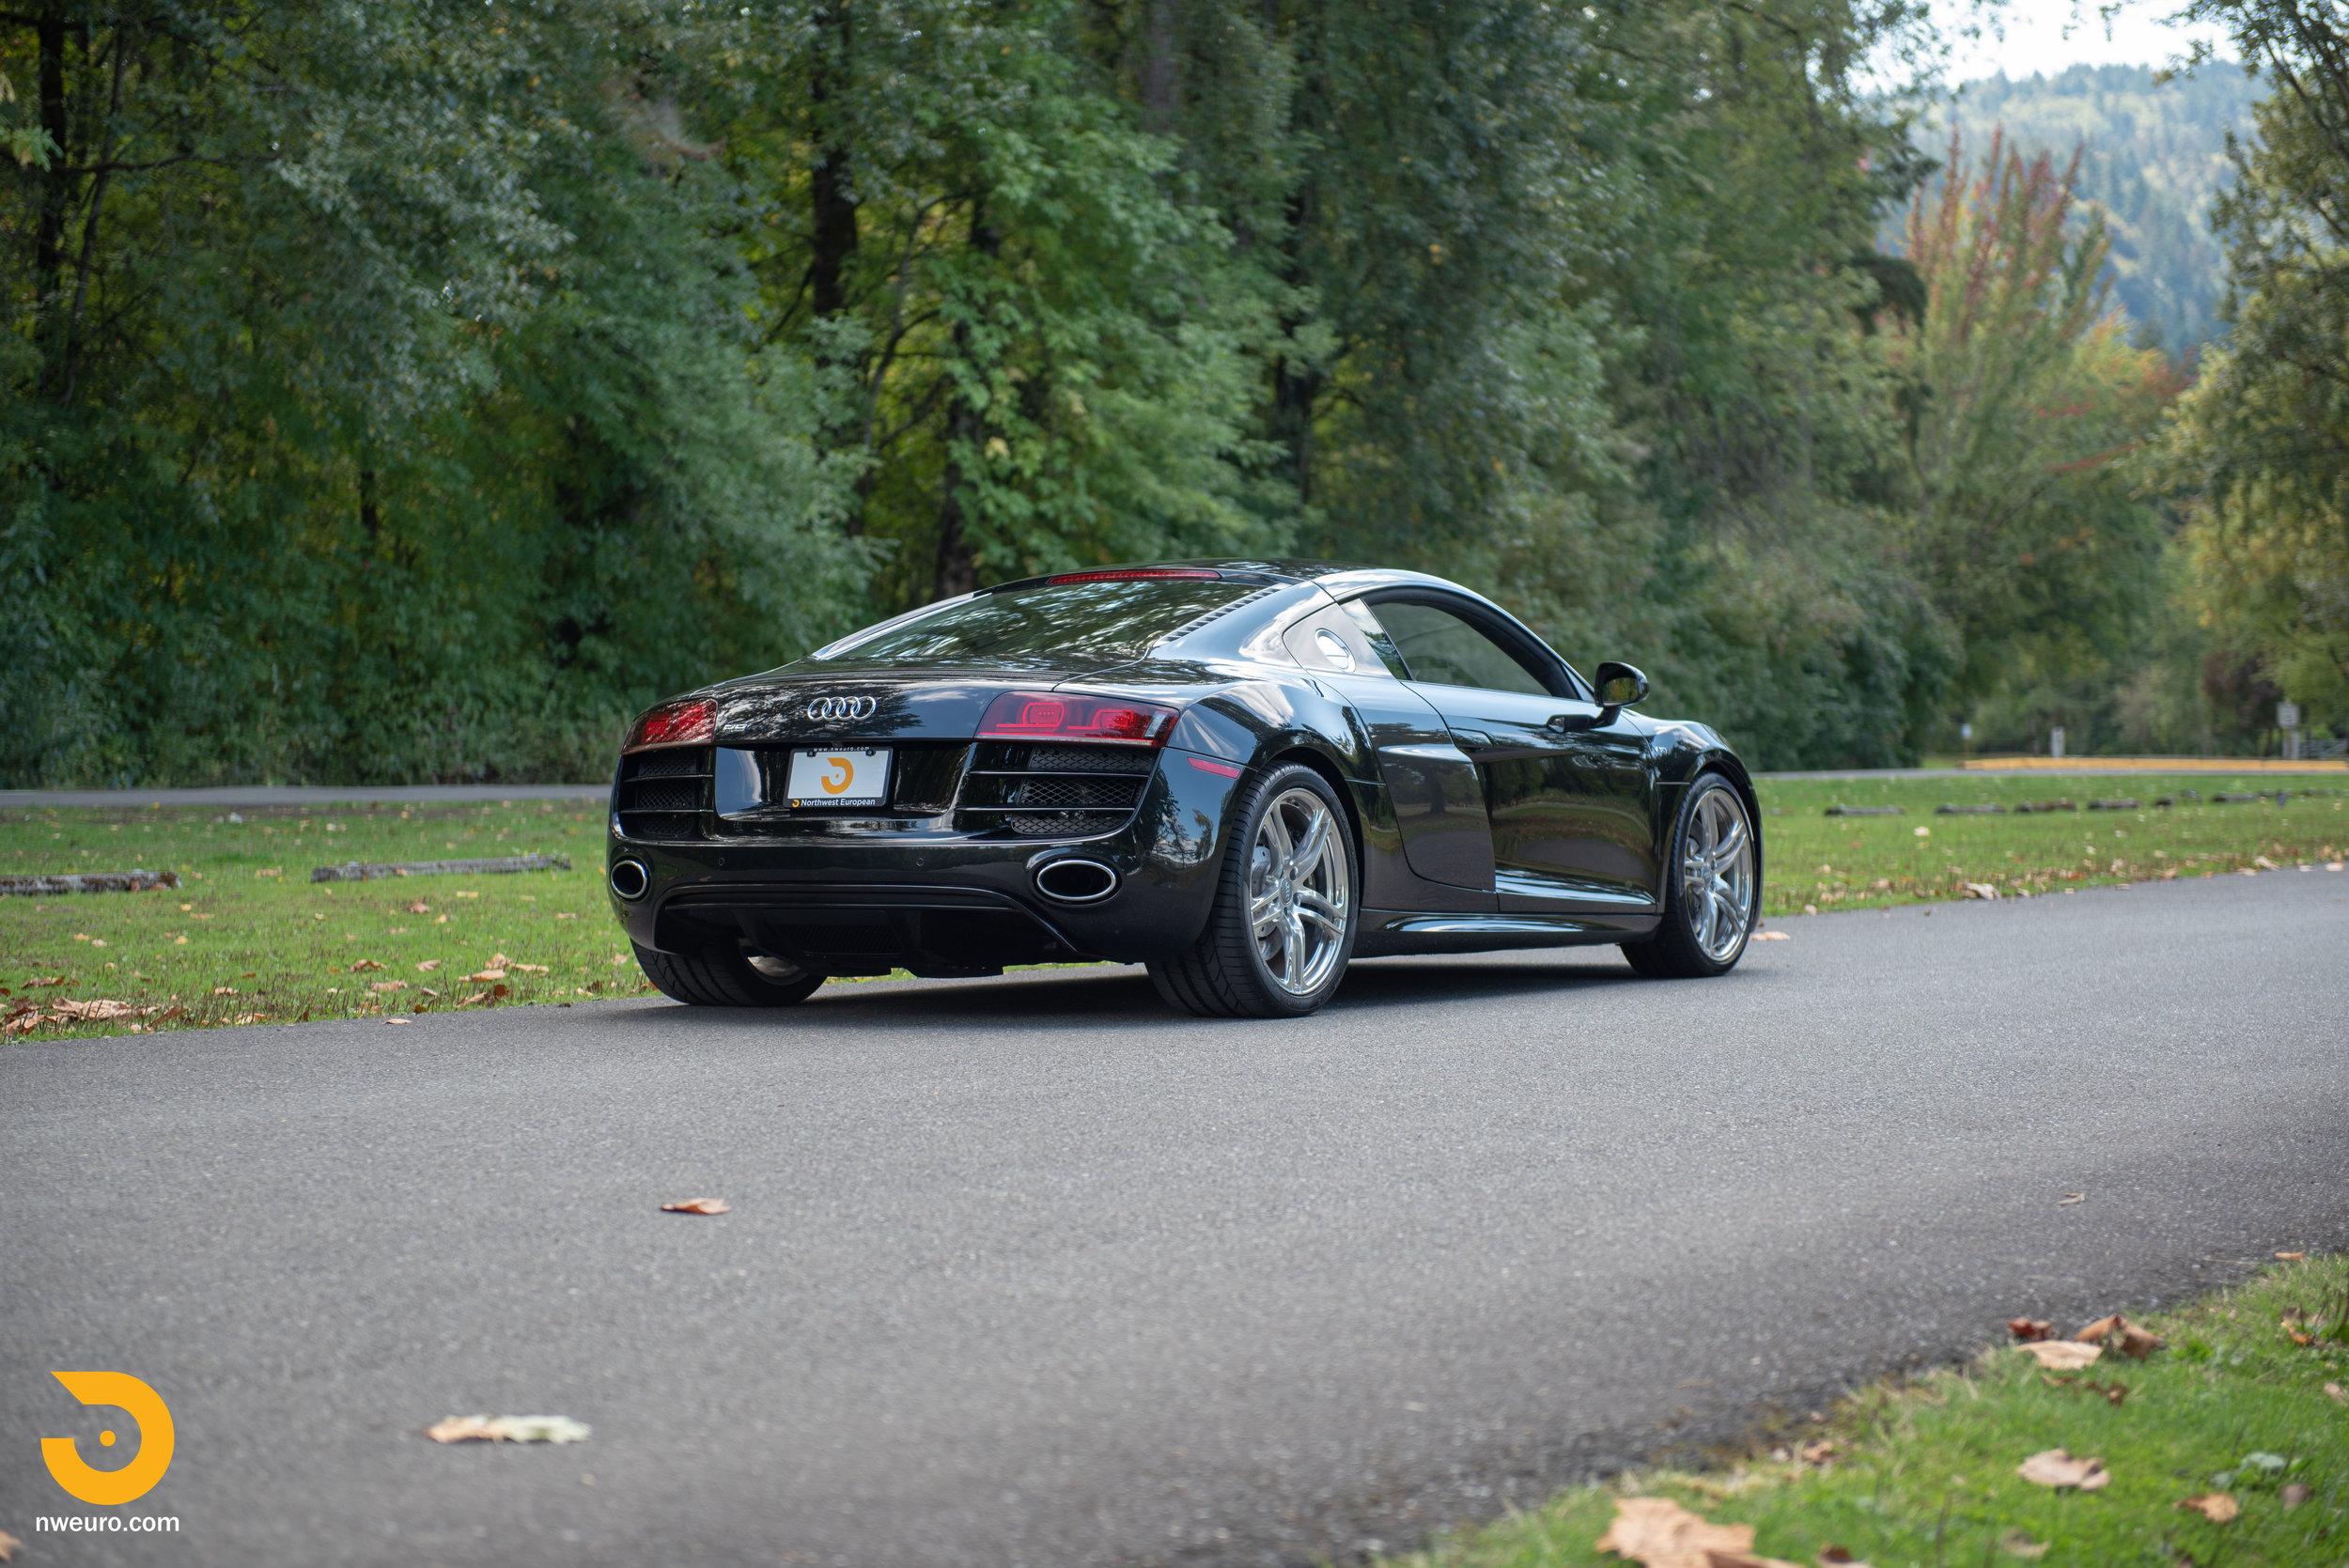 2010 Audi R8 V10-5.jpg